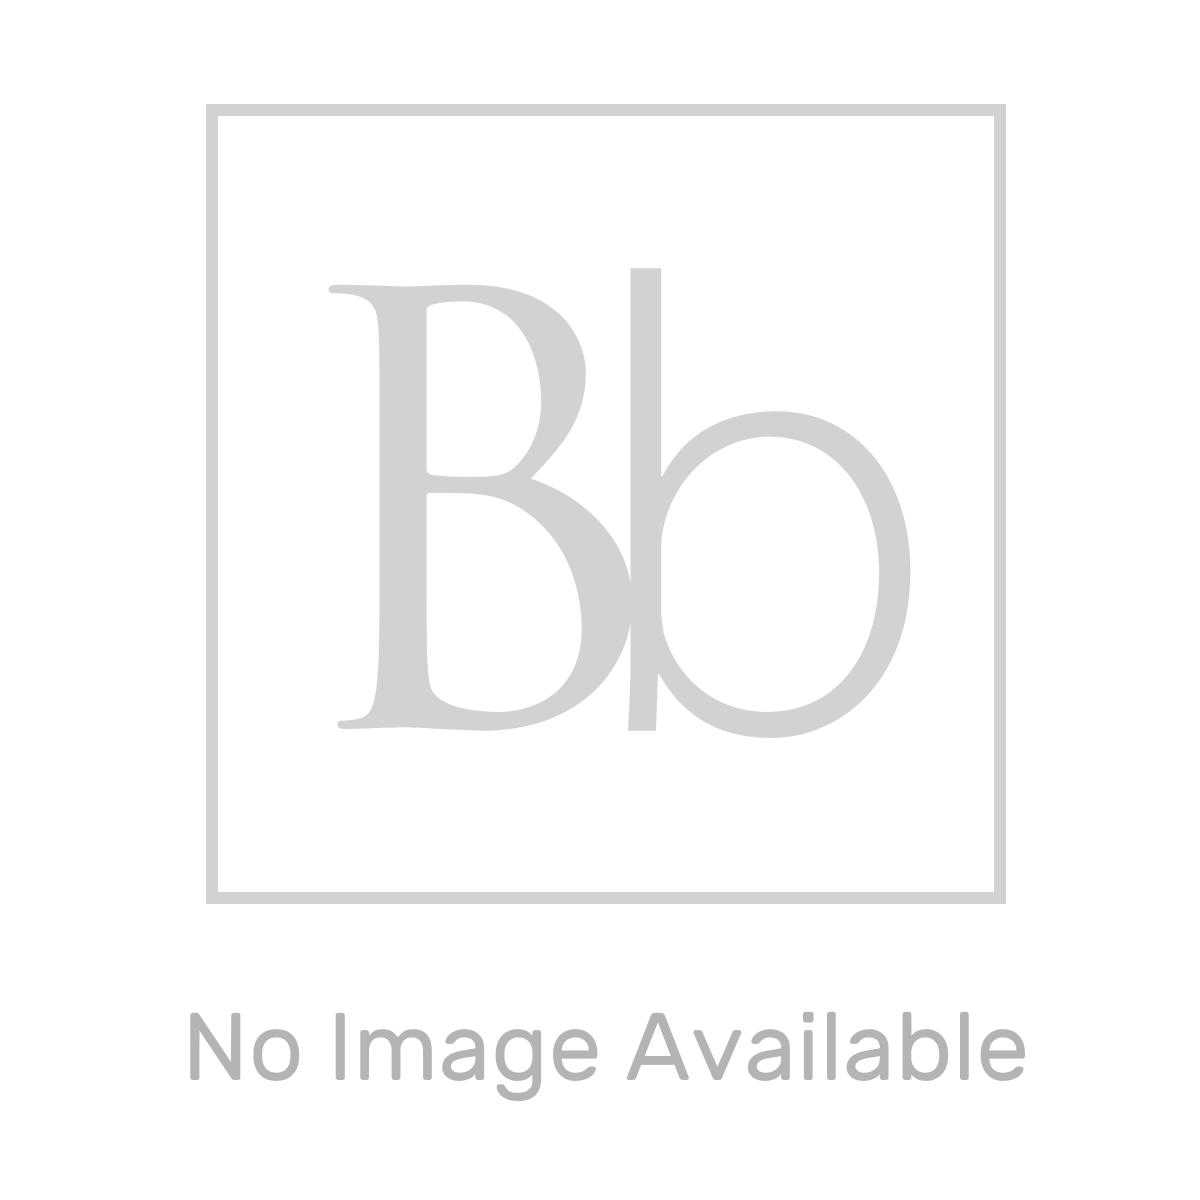 Nuie Athena Stone Grey 4 Door Floor Standing Vanity Unit with Ceramic Double Basin 1200mm